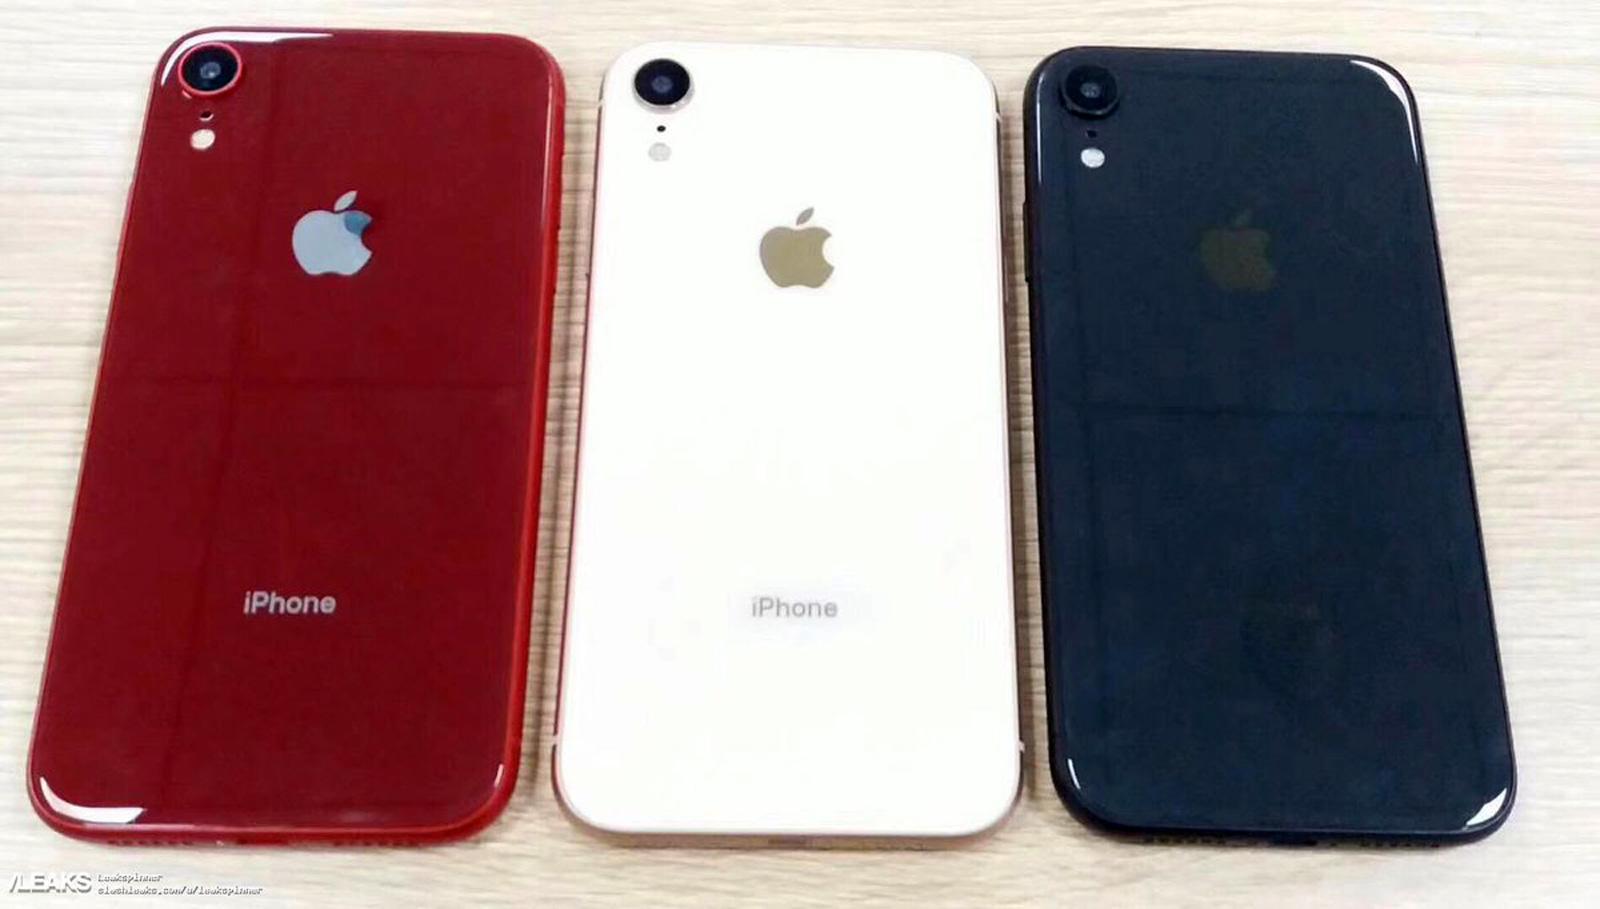 6.1インチLCD版iPhone、発売直後は品薄?液晶とバックライトを接続する製造上の問題か